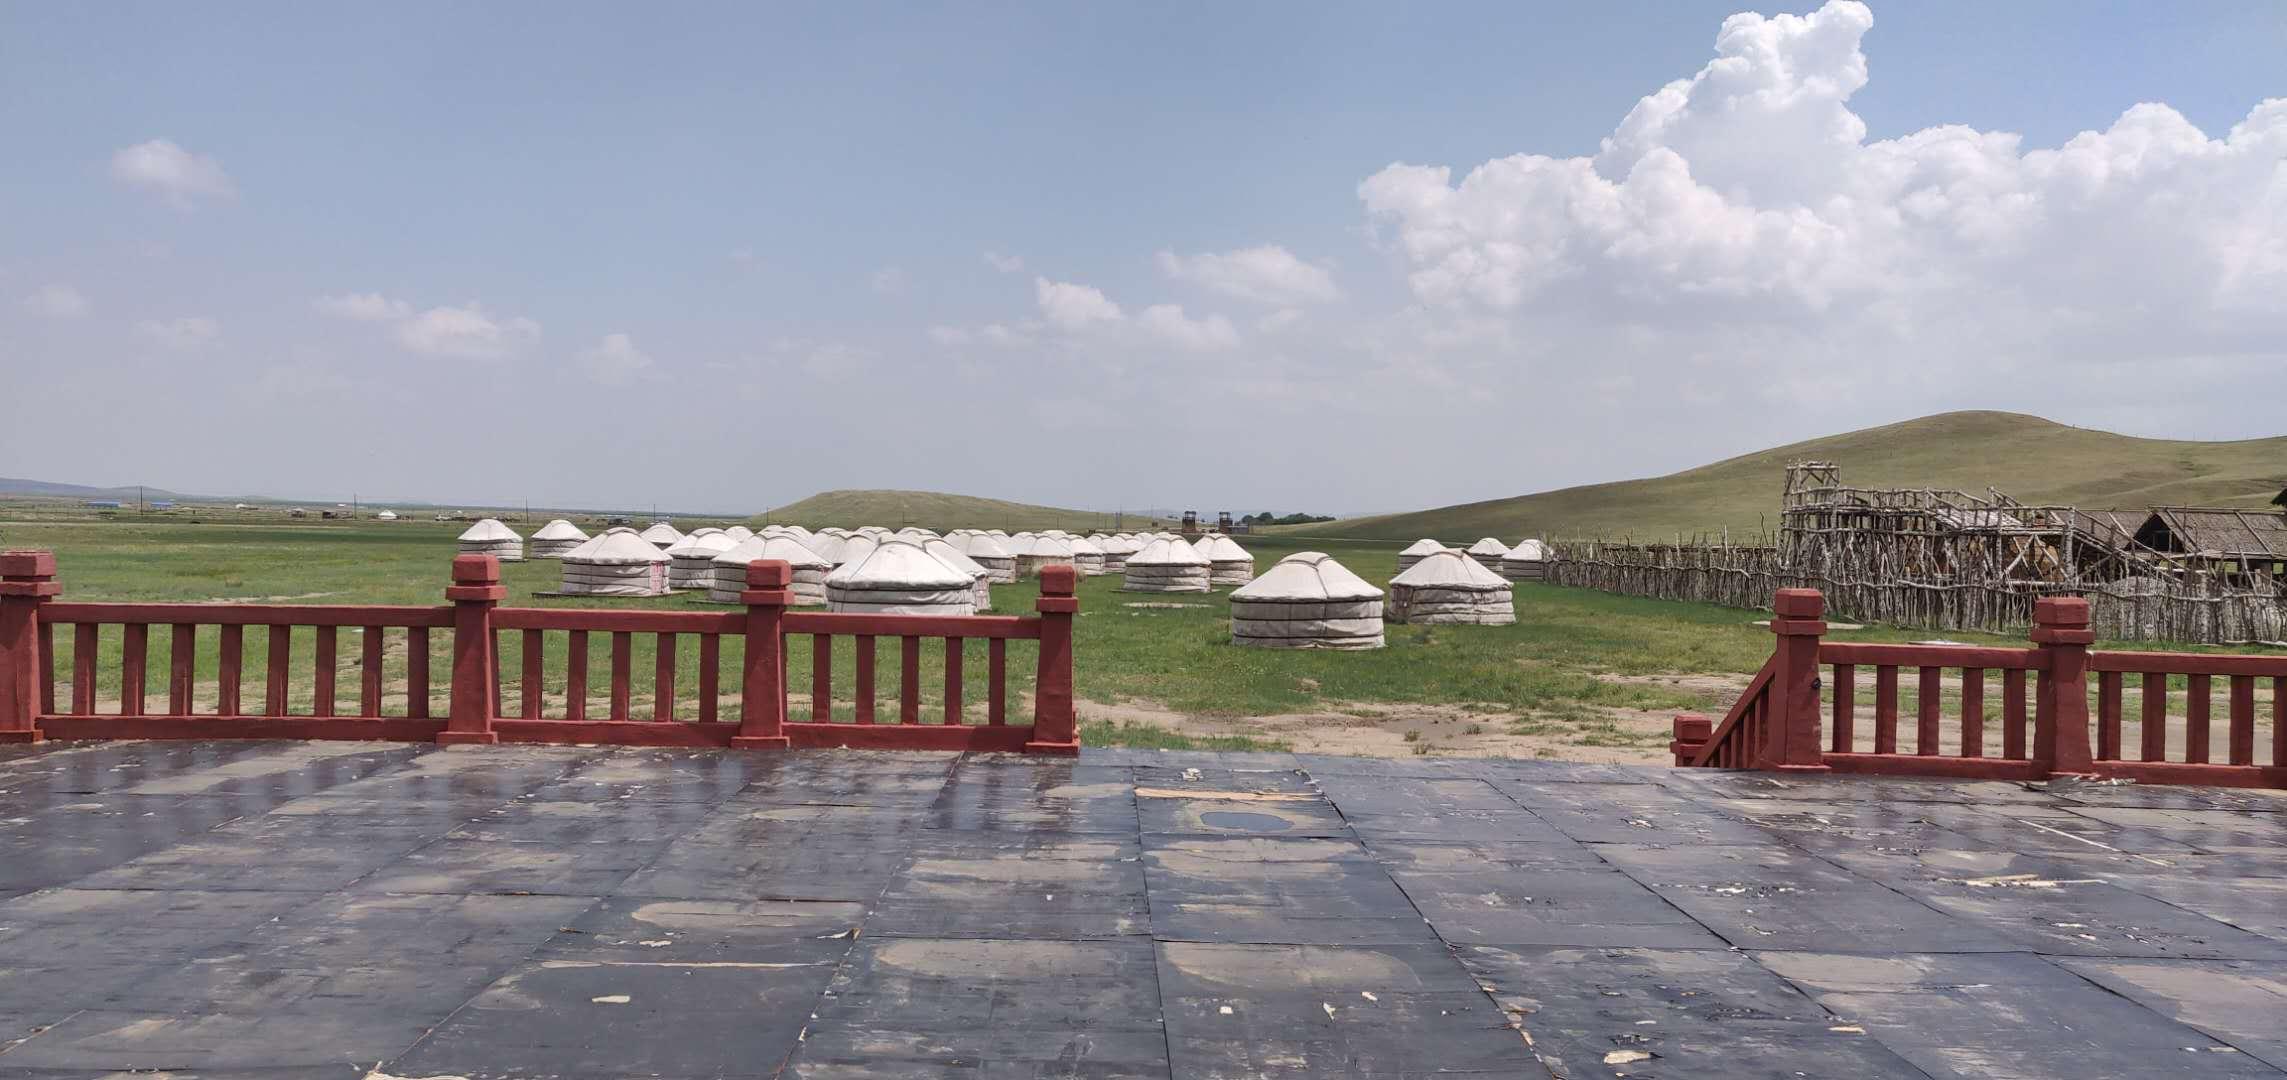 2020.04.11 - 蒙古包